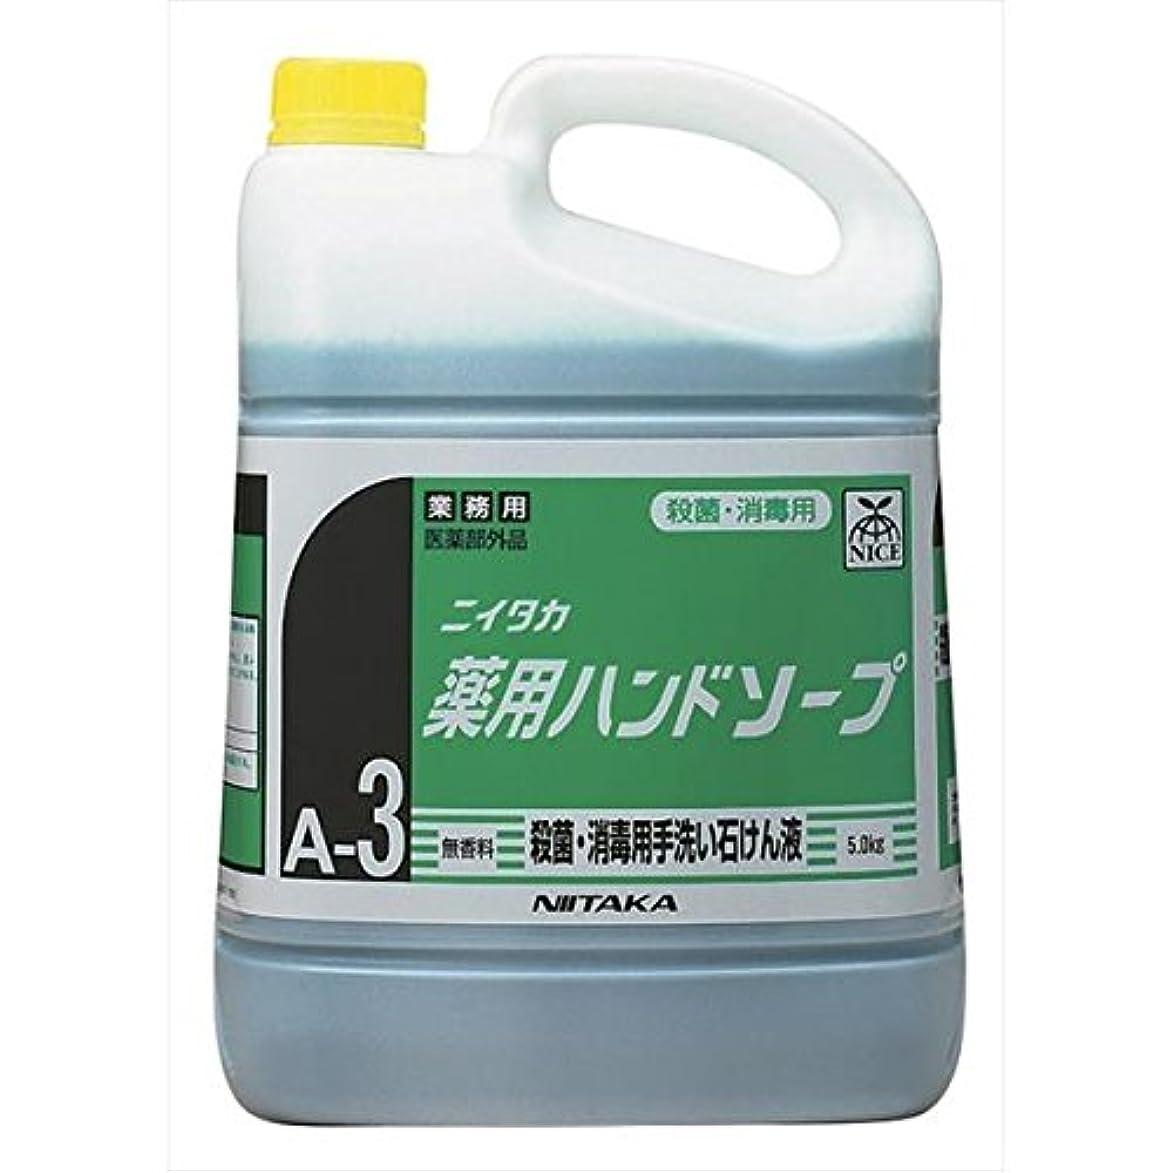 方法収穫うんニイタカ:薬用ハンドソープ(A-3) 5kg×3 250140